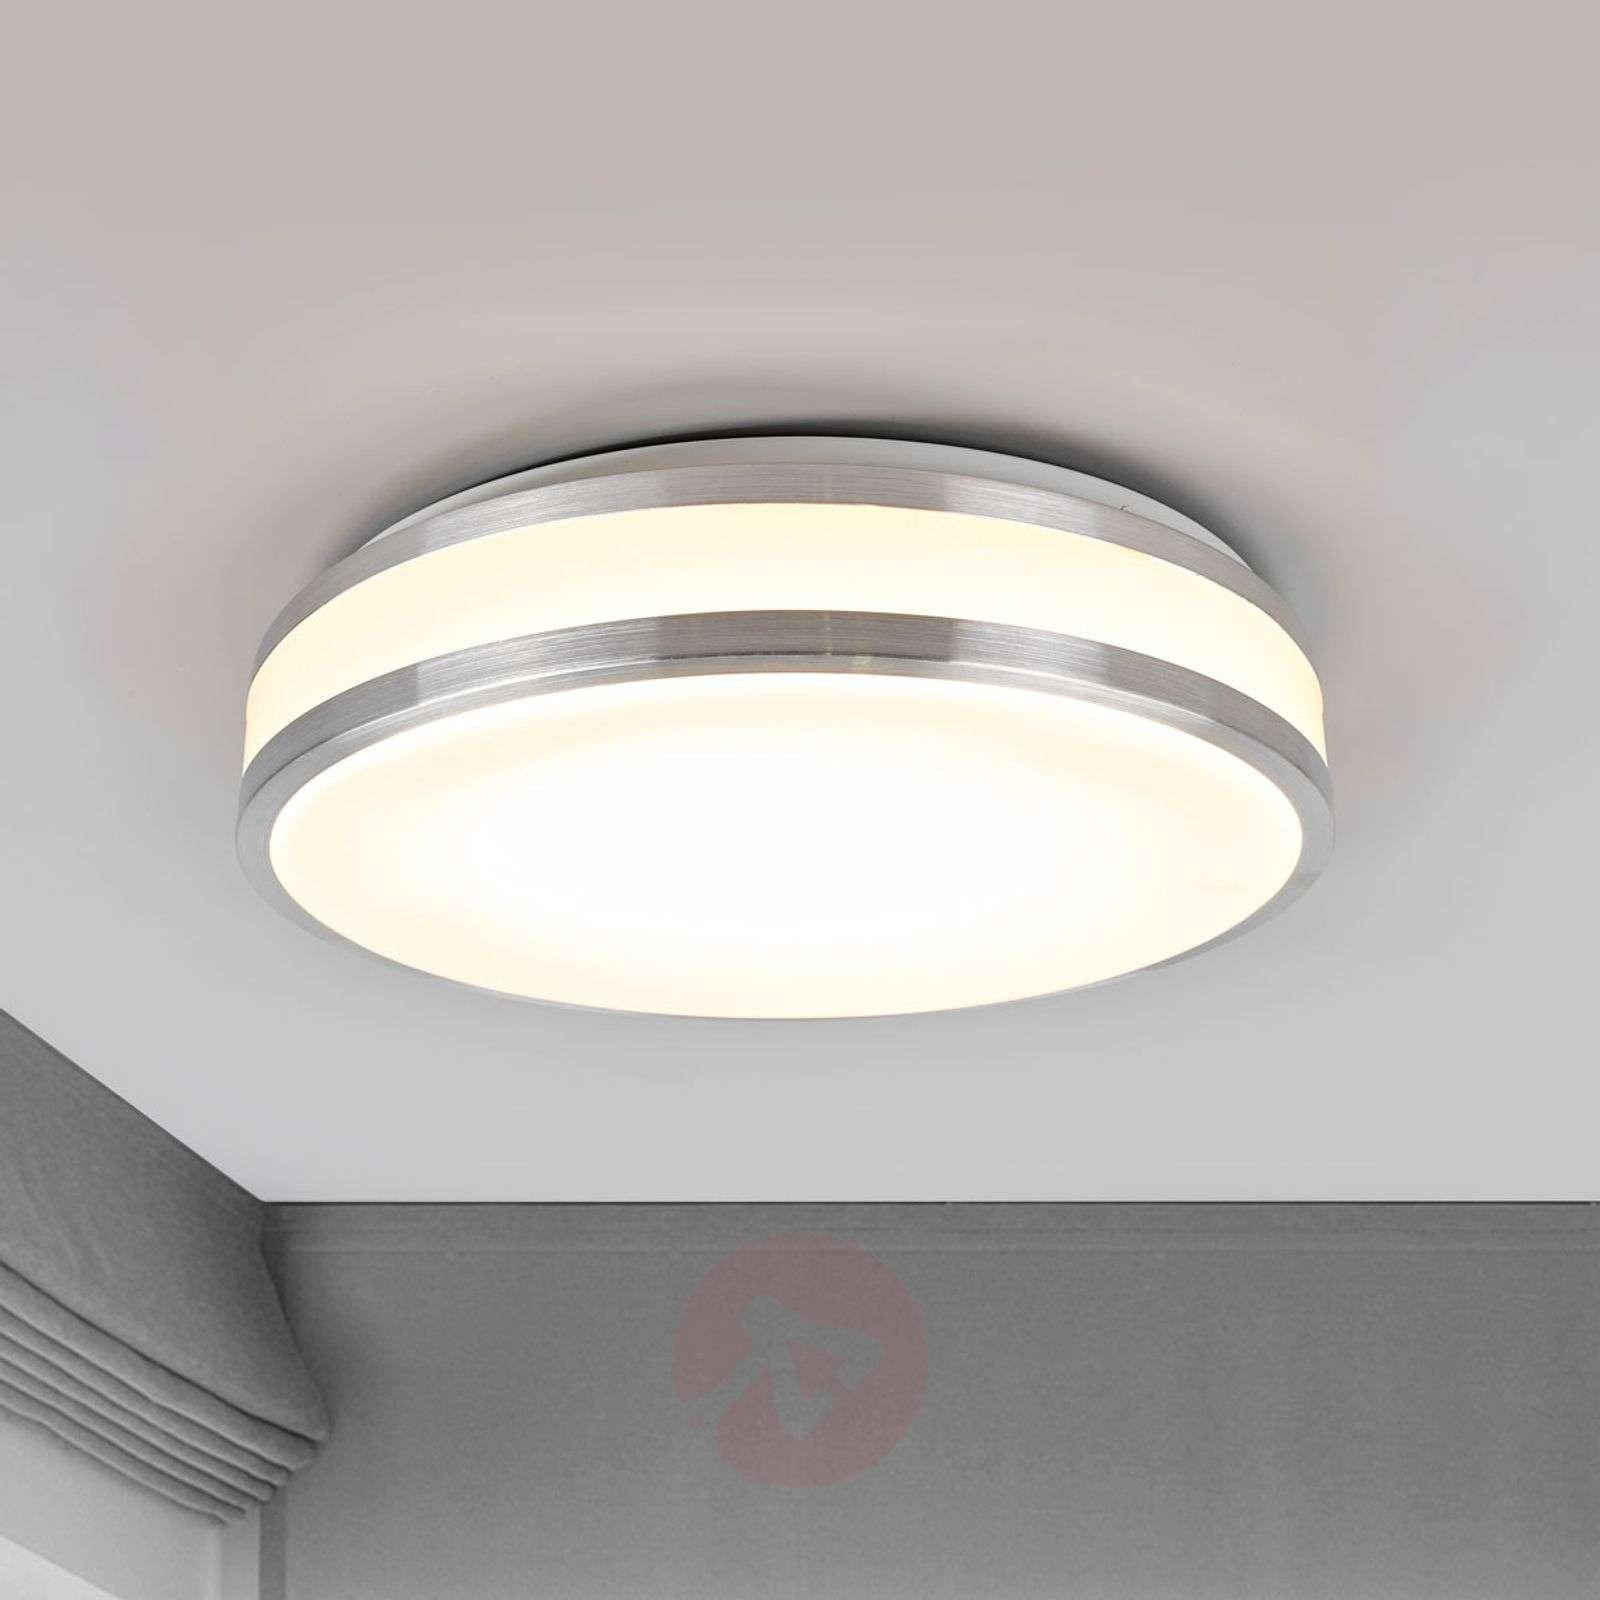 Edona-olohuoneen kattolamppu tehokkailla LEDeillä-9974025-01